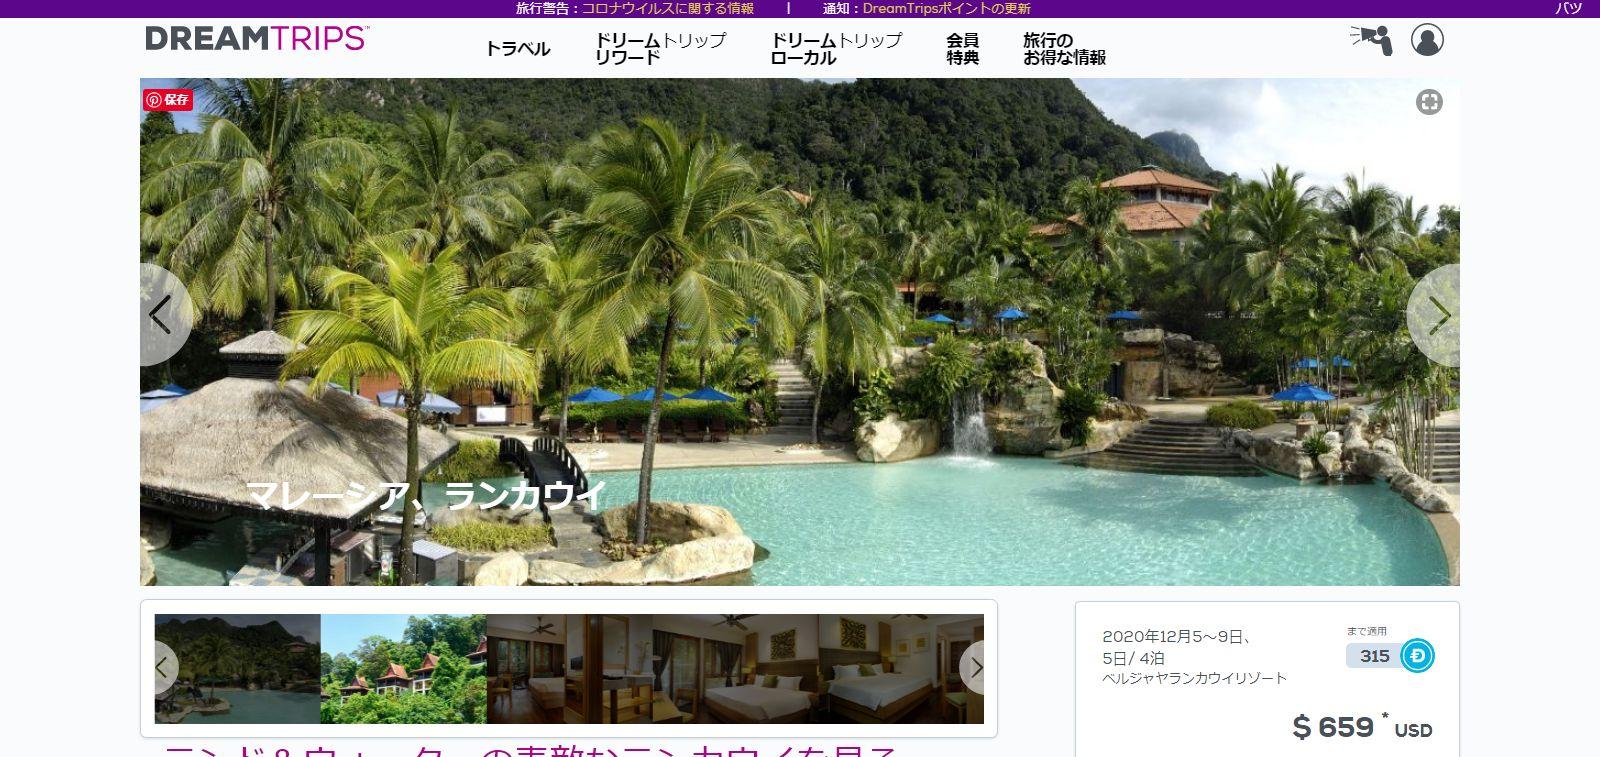 ランカウイ島旅行の写真